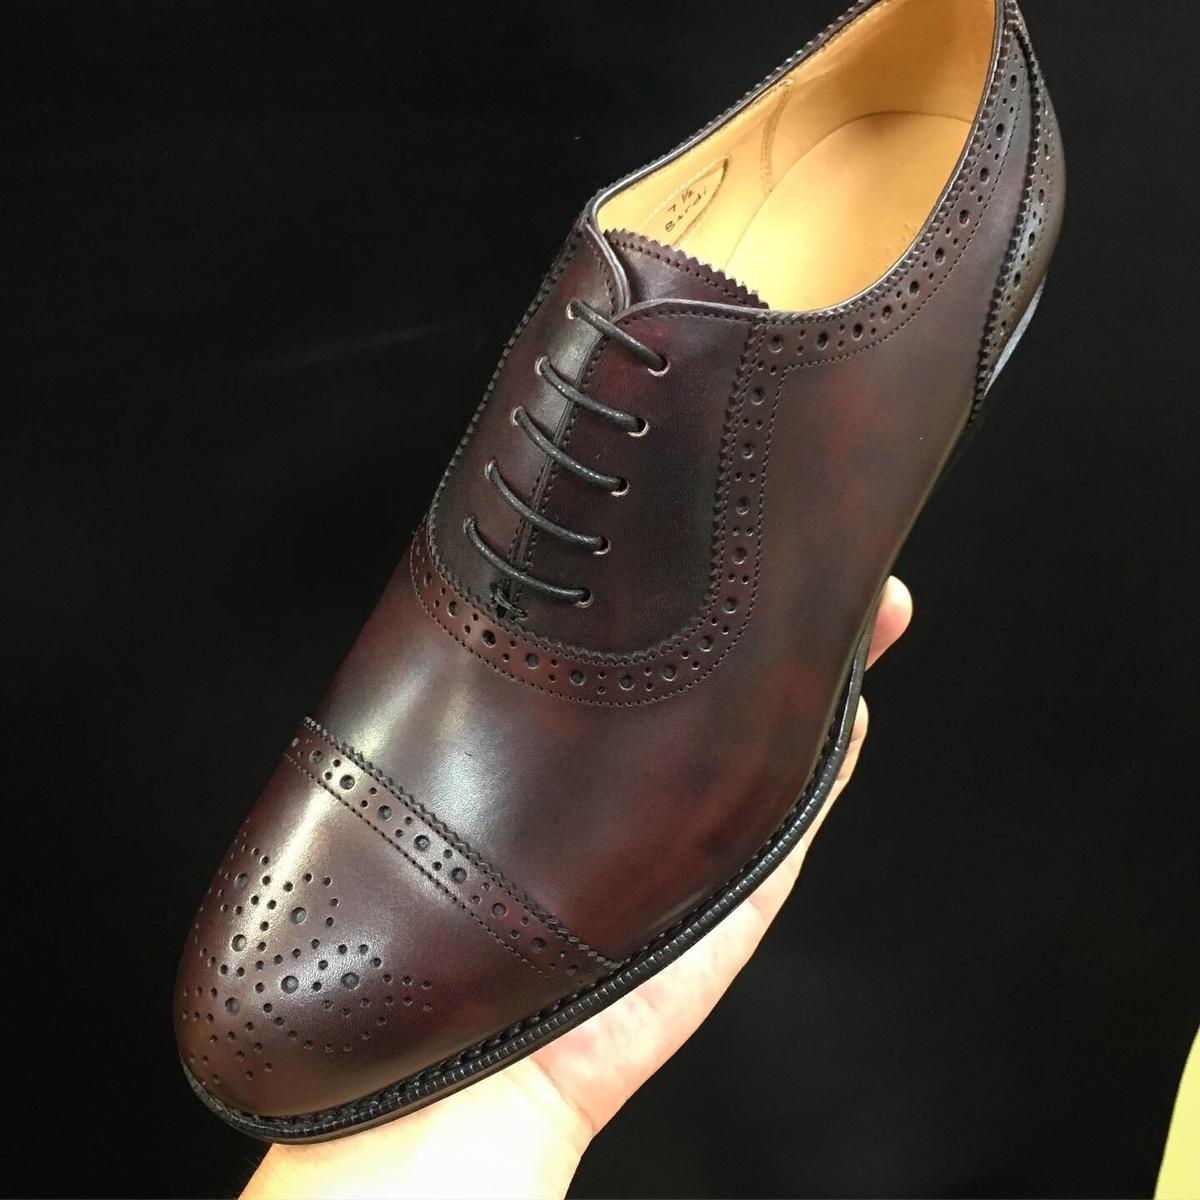 f:id:raymar-shoes:20190828215448j:plain